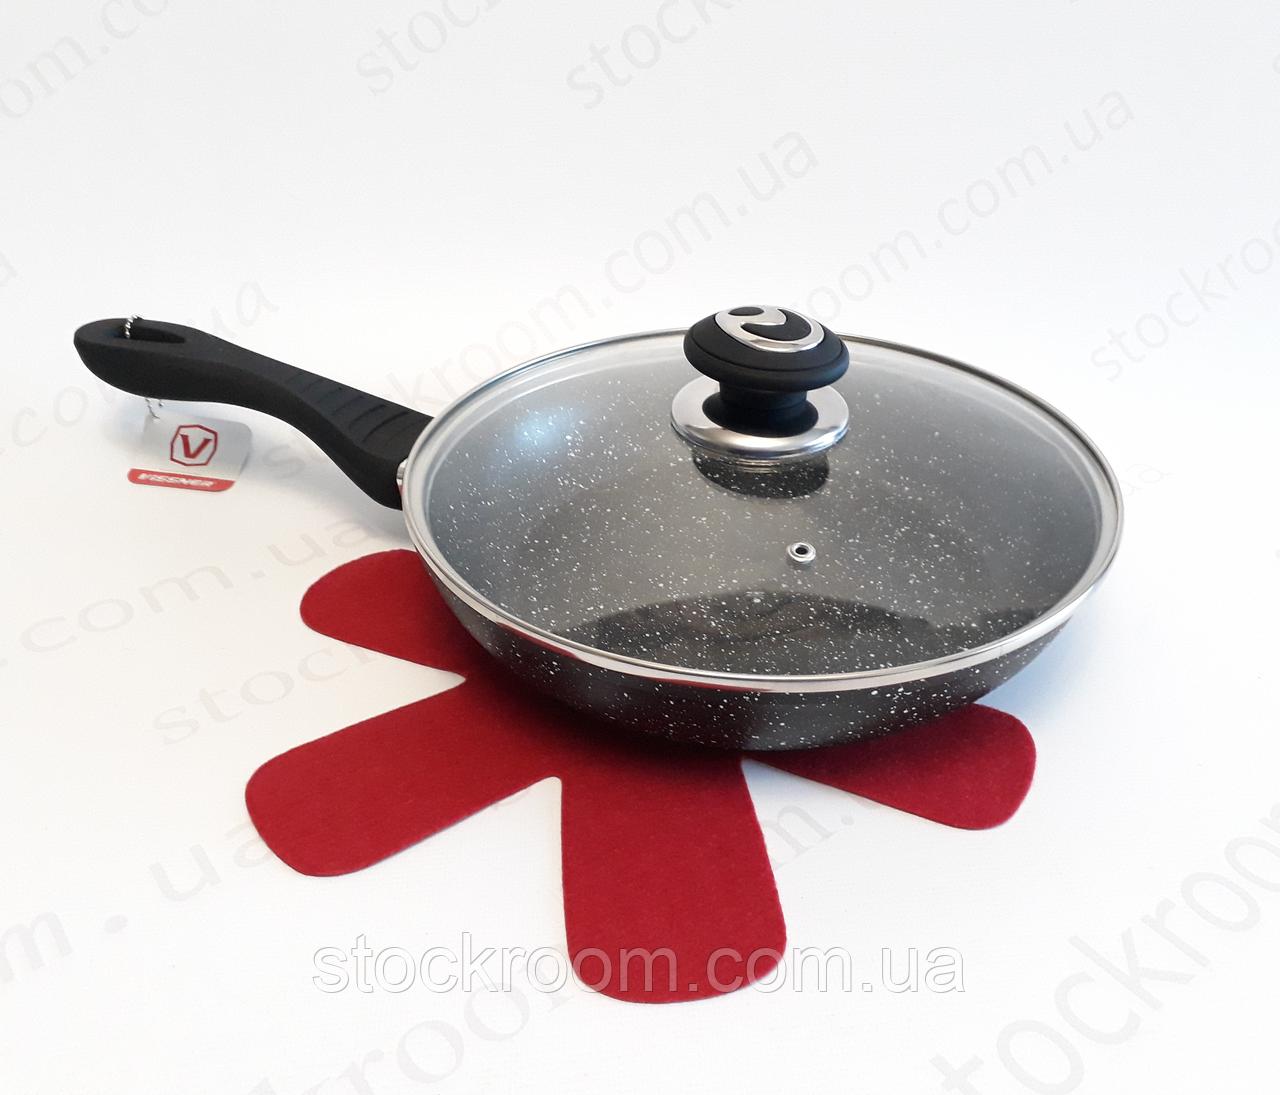 Сковорода Vissner VS 7550-28 с антипригарным покрытием